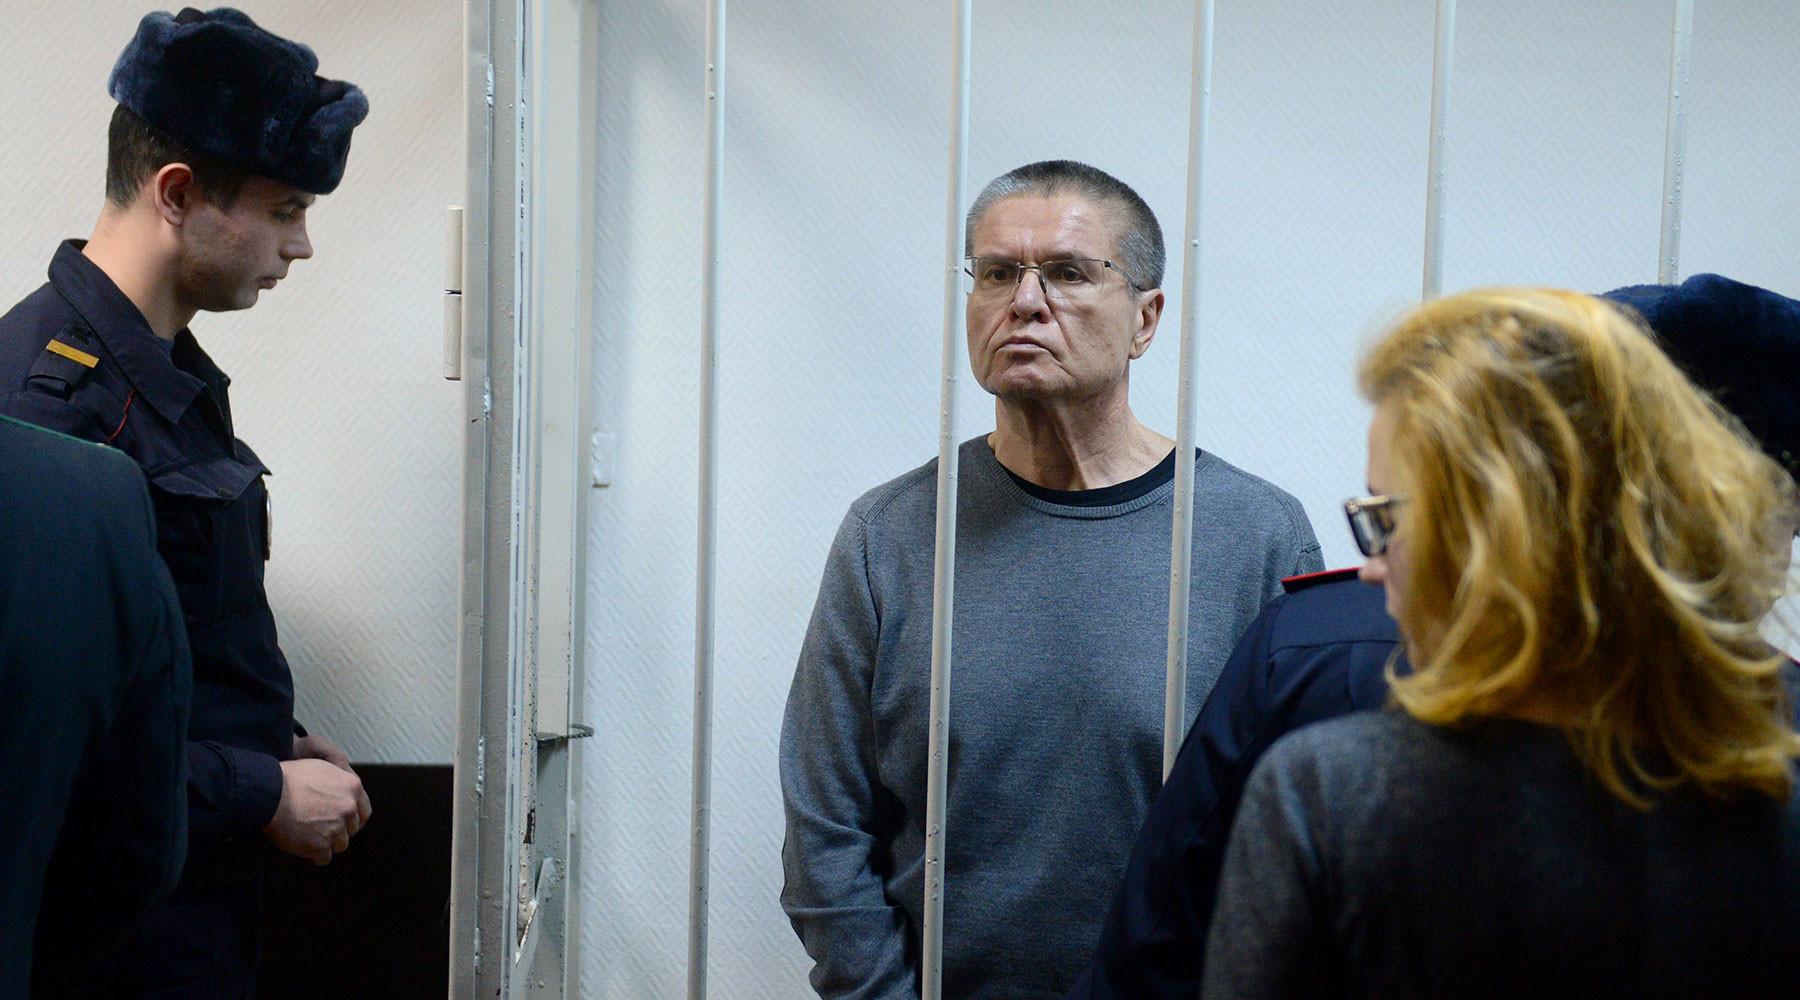 Признан виновным: Замоскворецкий суд приговорил экс-министра Улюкаева к восьми годам колонии строгого режима